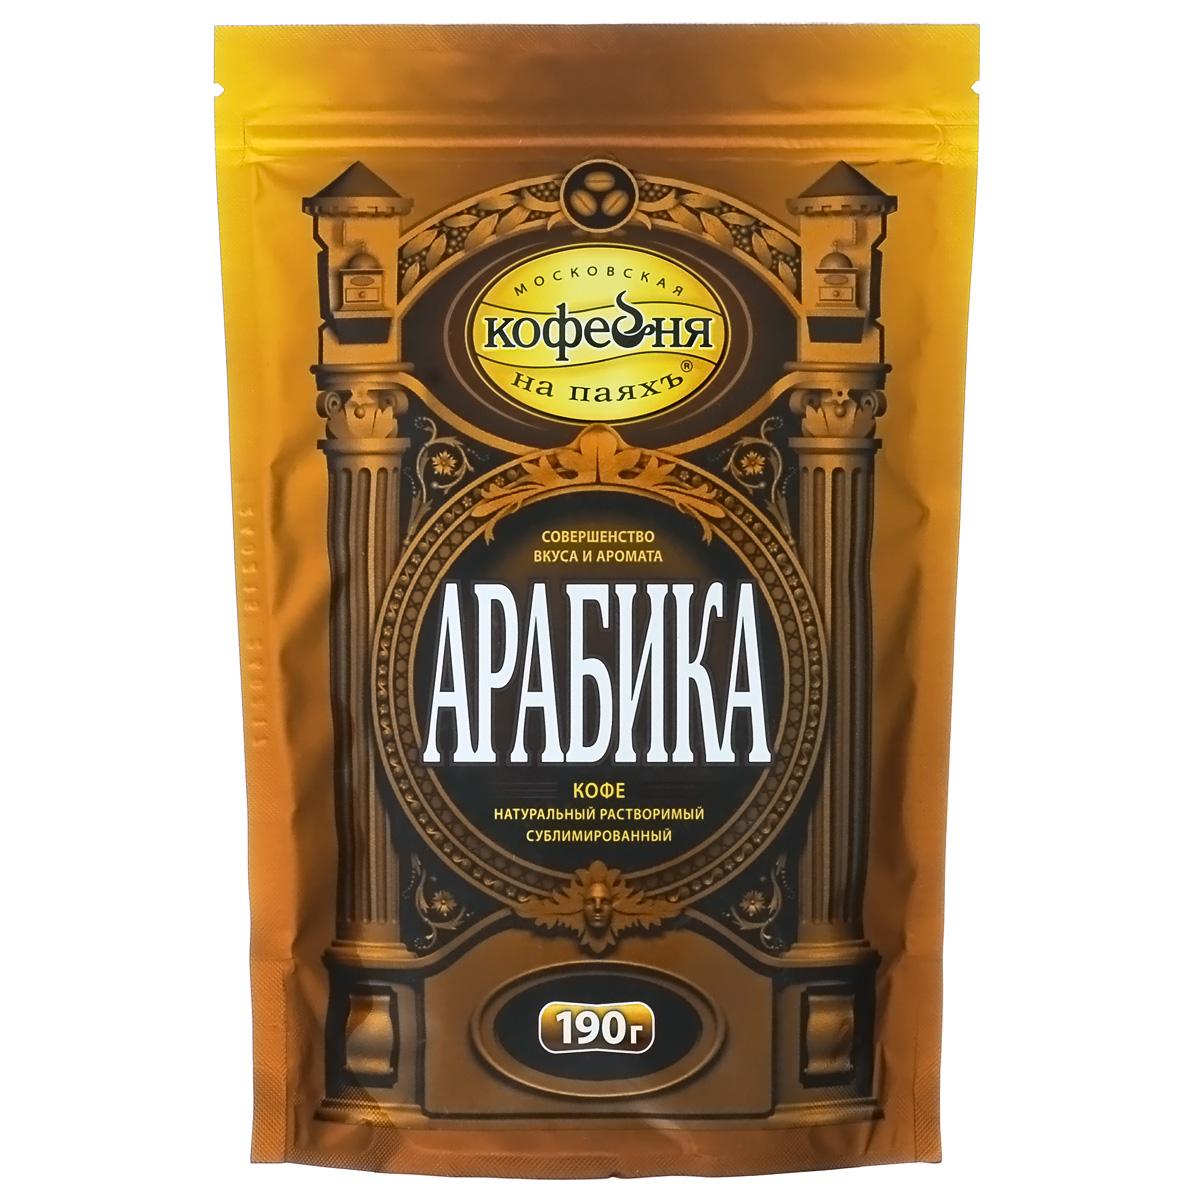 Московская кофейня на паяхъ Арабика кофе рaстворимый, пакет 190 г5060300570073Кофе натуральный растворимый сублимированный Московская кофейня на паяхъ Арабика. Приготовлен исключительно из премиальных сортов Арабики. Богатый аромат, насыщенный вкус и продолжительное послевкусие.